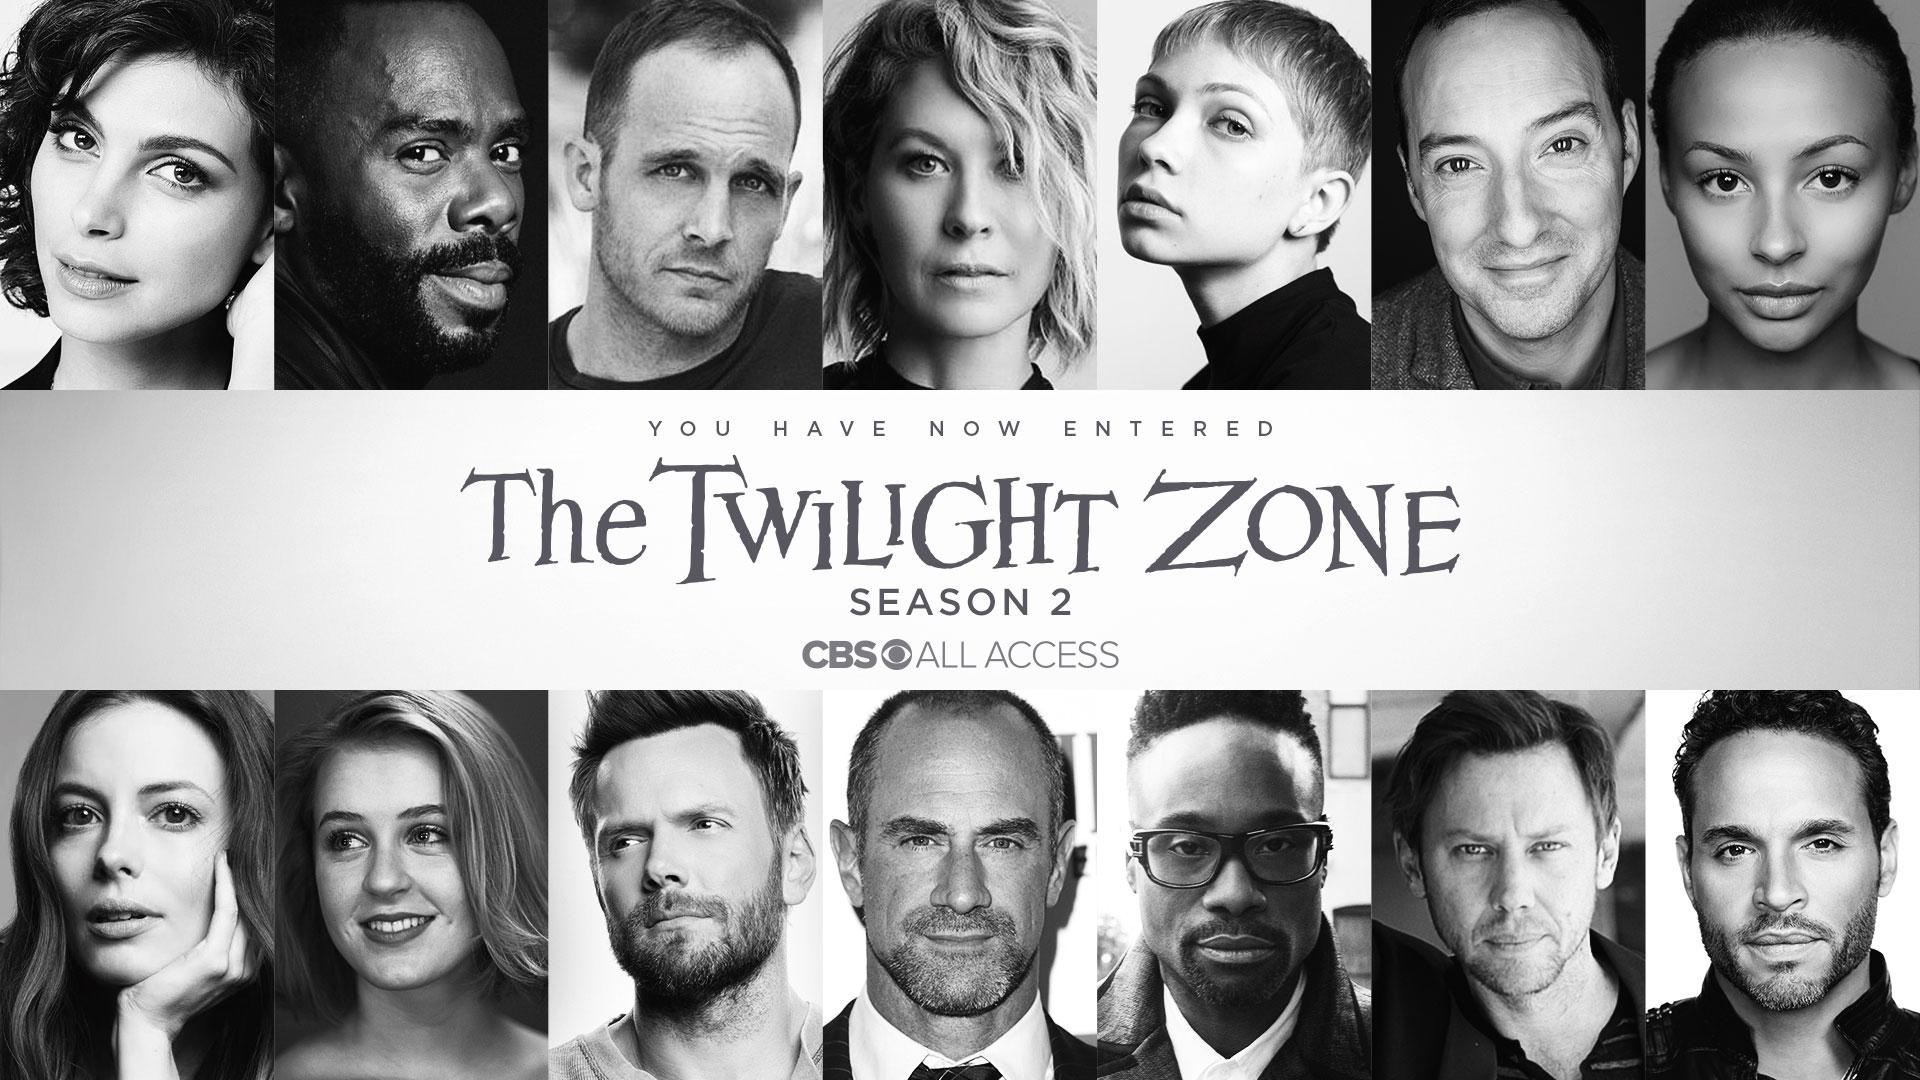 La serie The Twilight Zone de Peele libera tráiler de segunda temporada